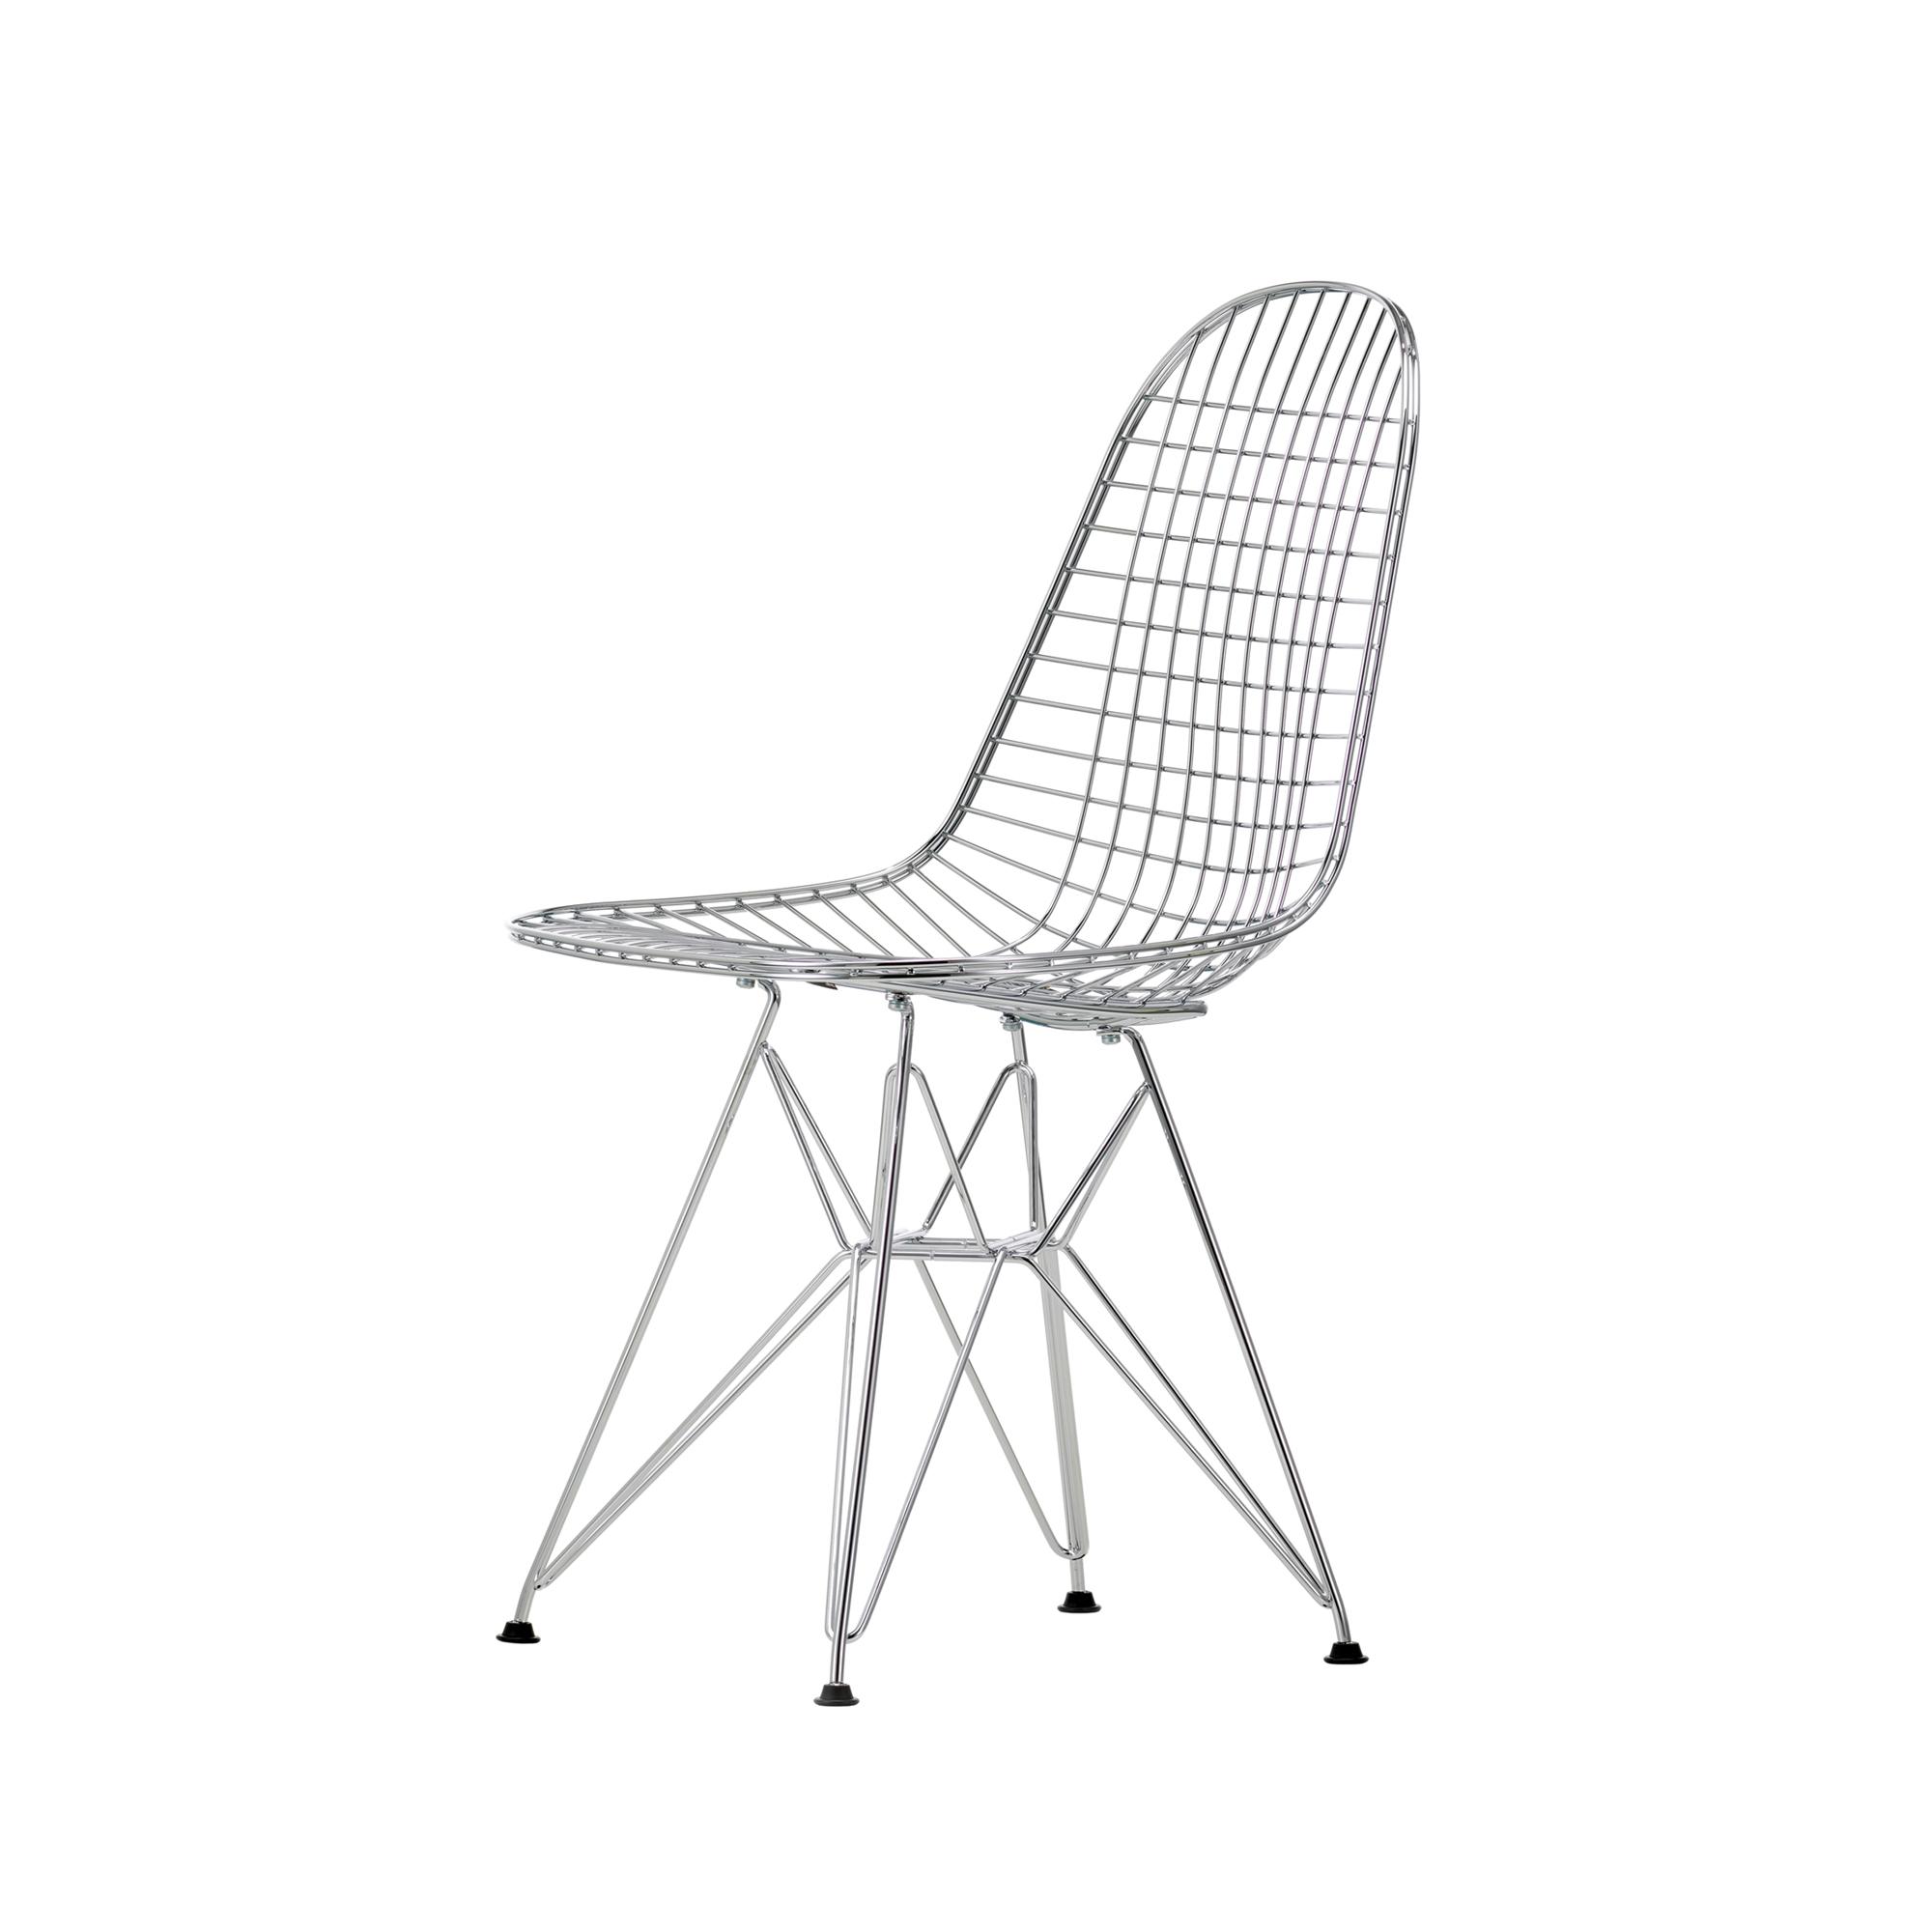 vitra eames wire chair dkr verchromt oder pulverbechichtet ohne polster designikonen. Black Bedroom Furniture Sets. Home Design Ideas